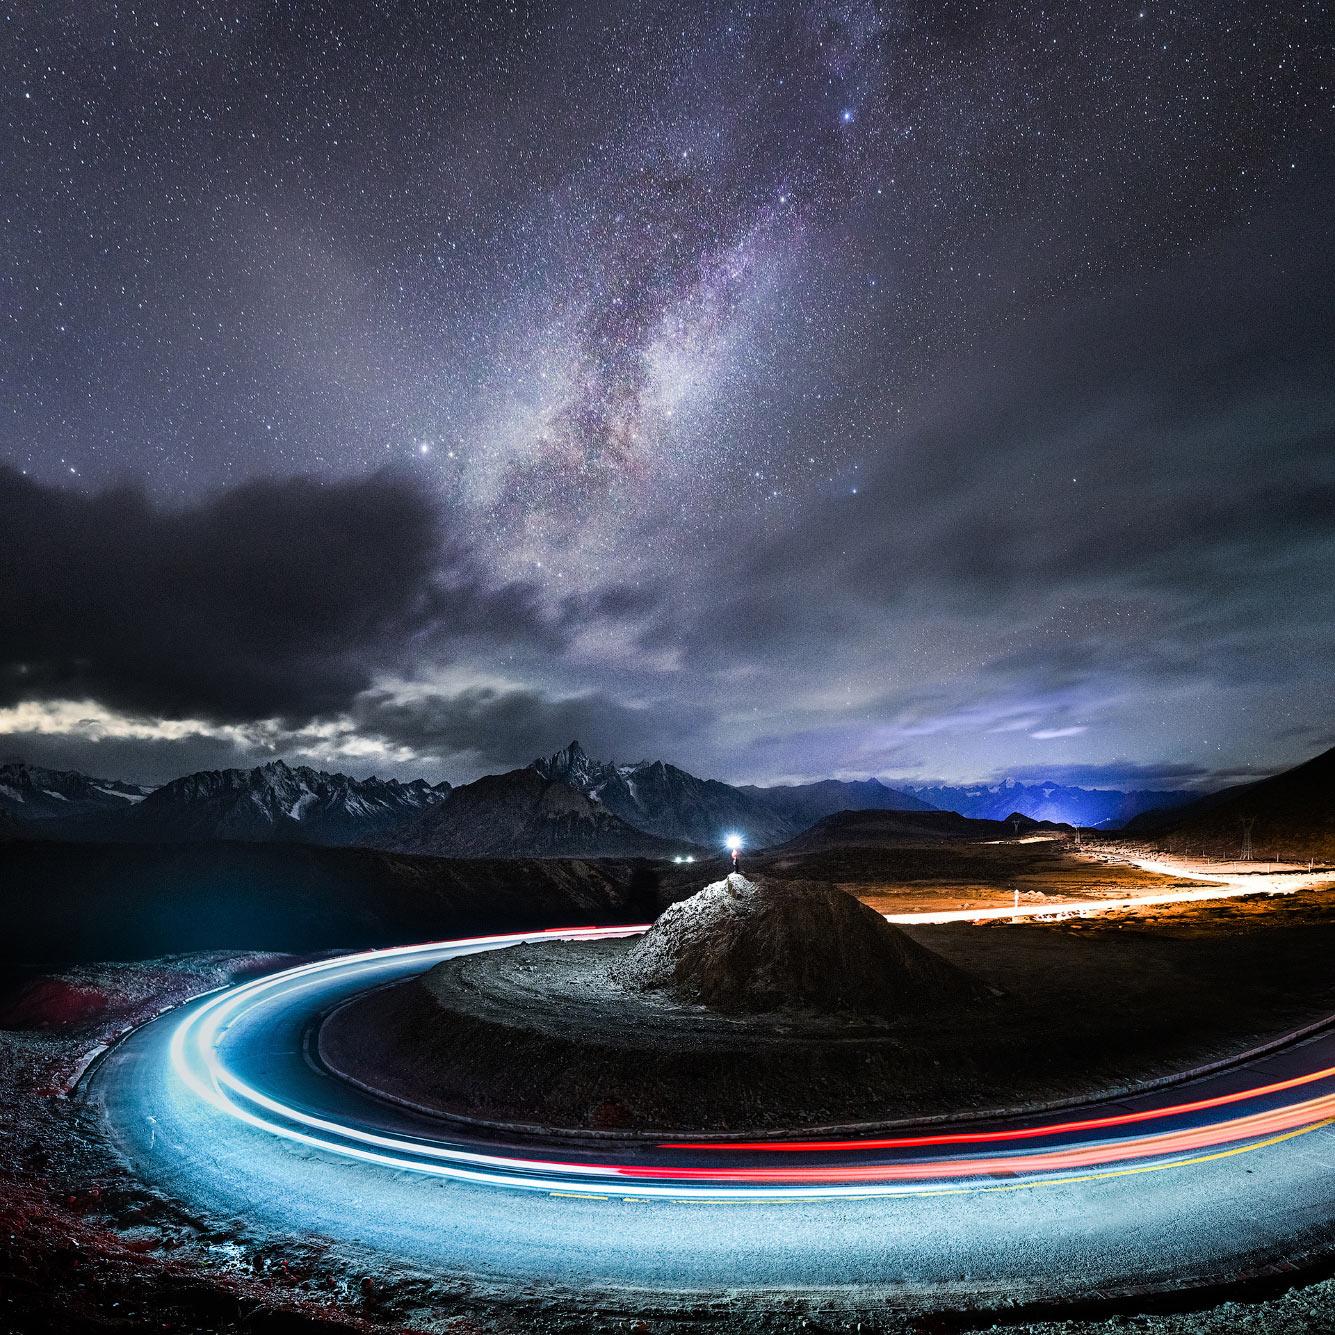 Звездная ночь, холм и дорога